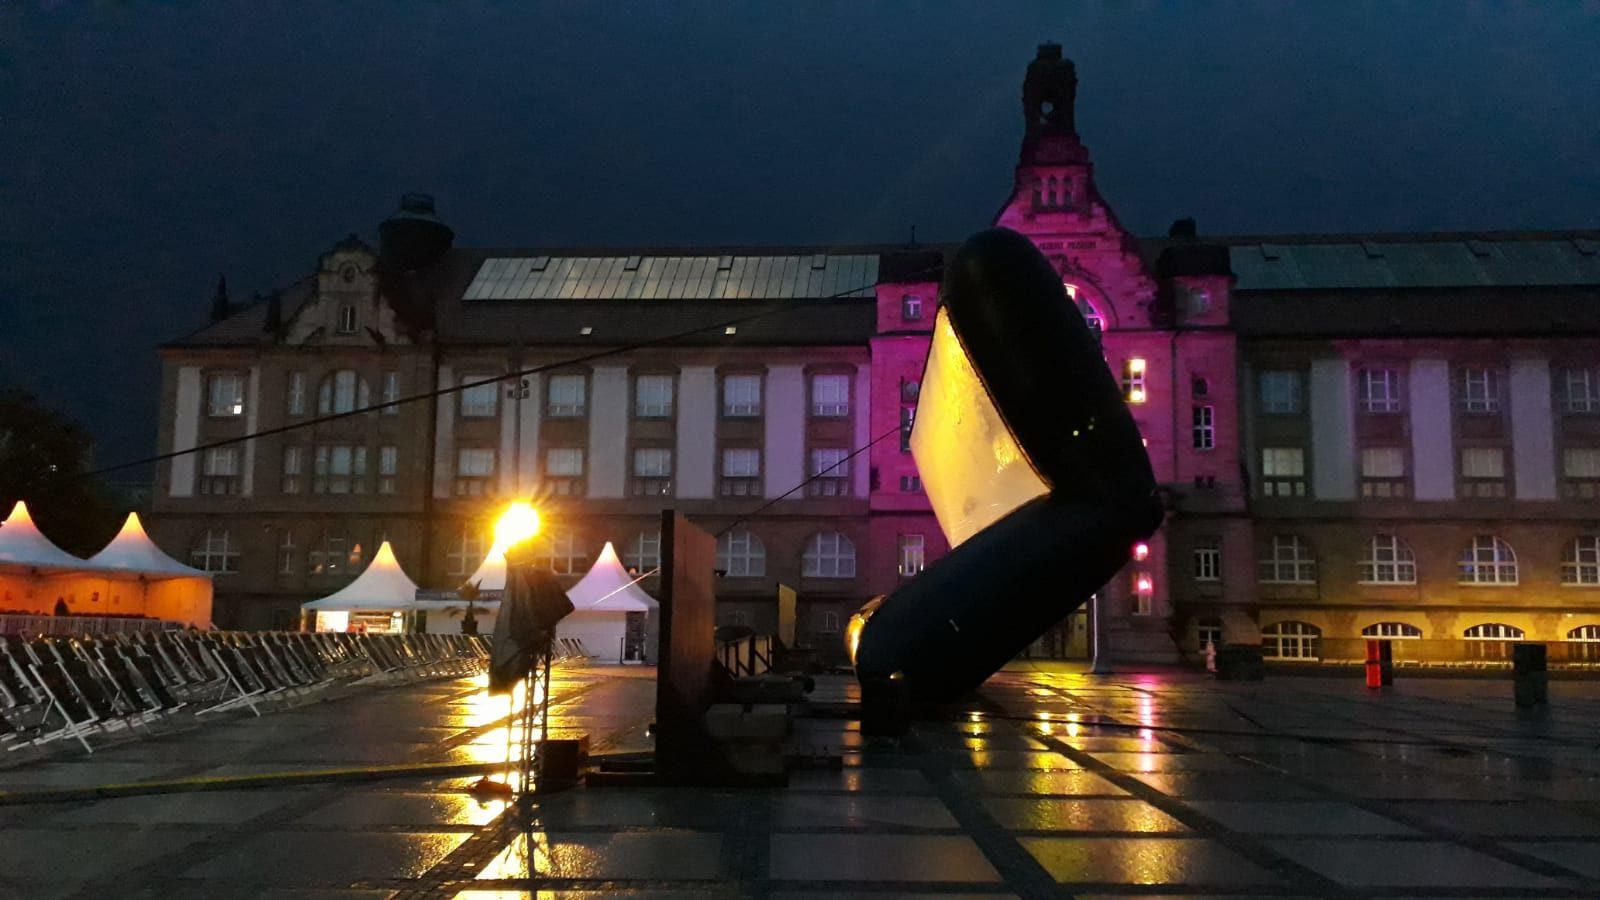 Leinwand auf dem Theaterplatz wird bei Regen hinuntergelassen